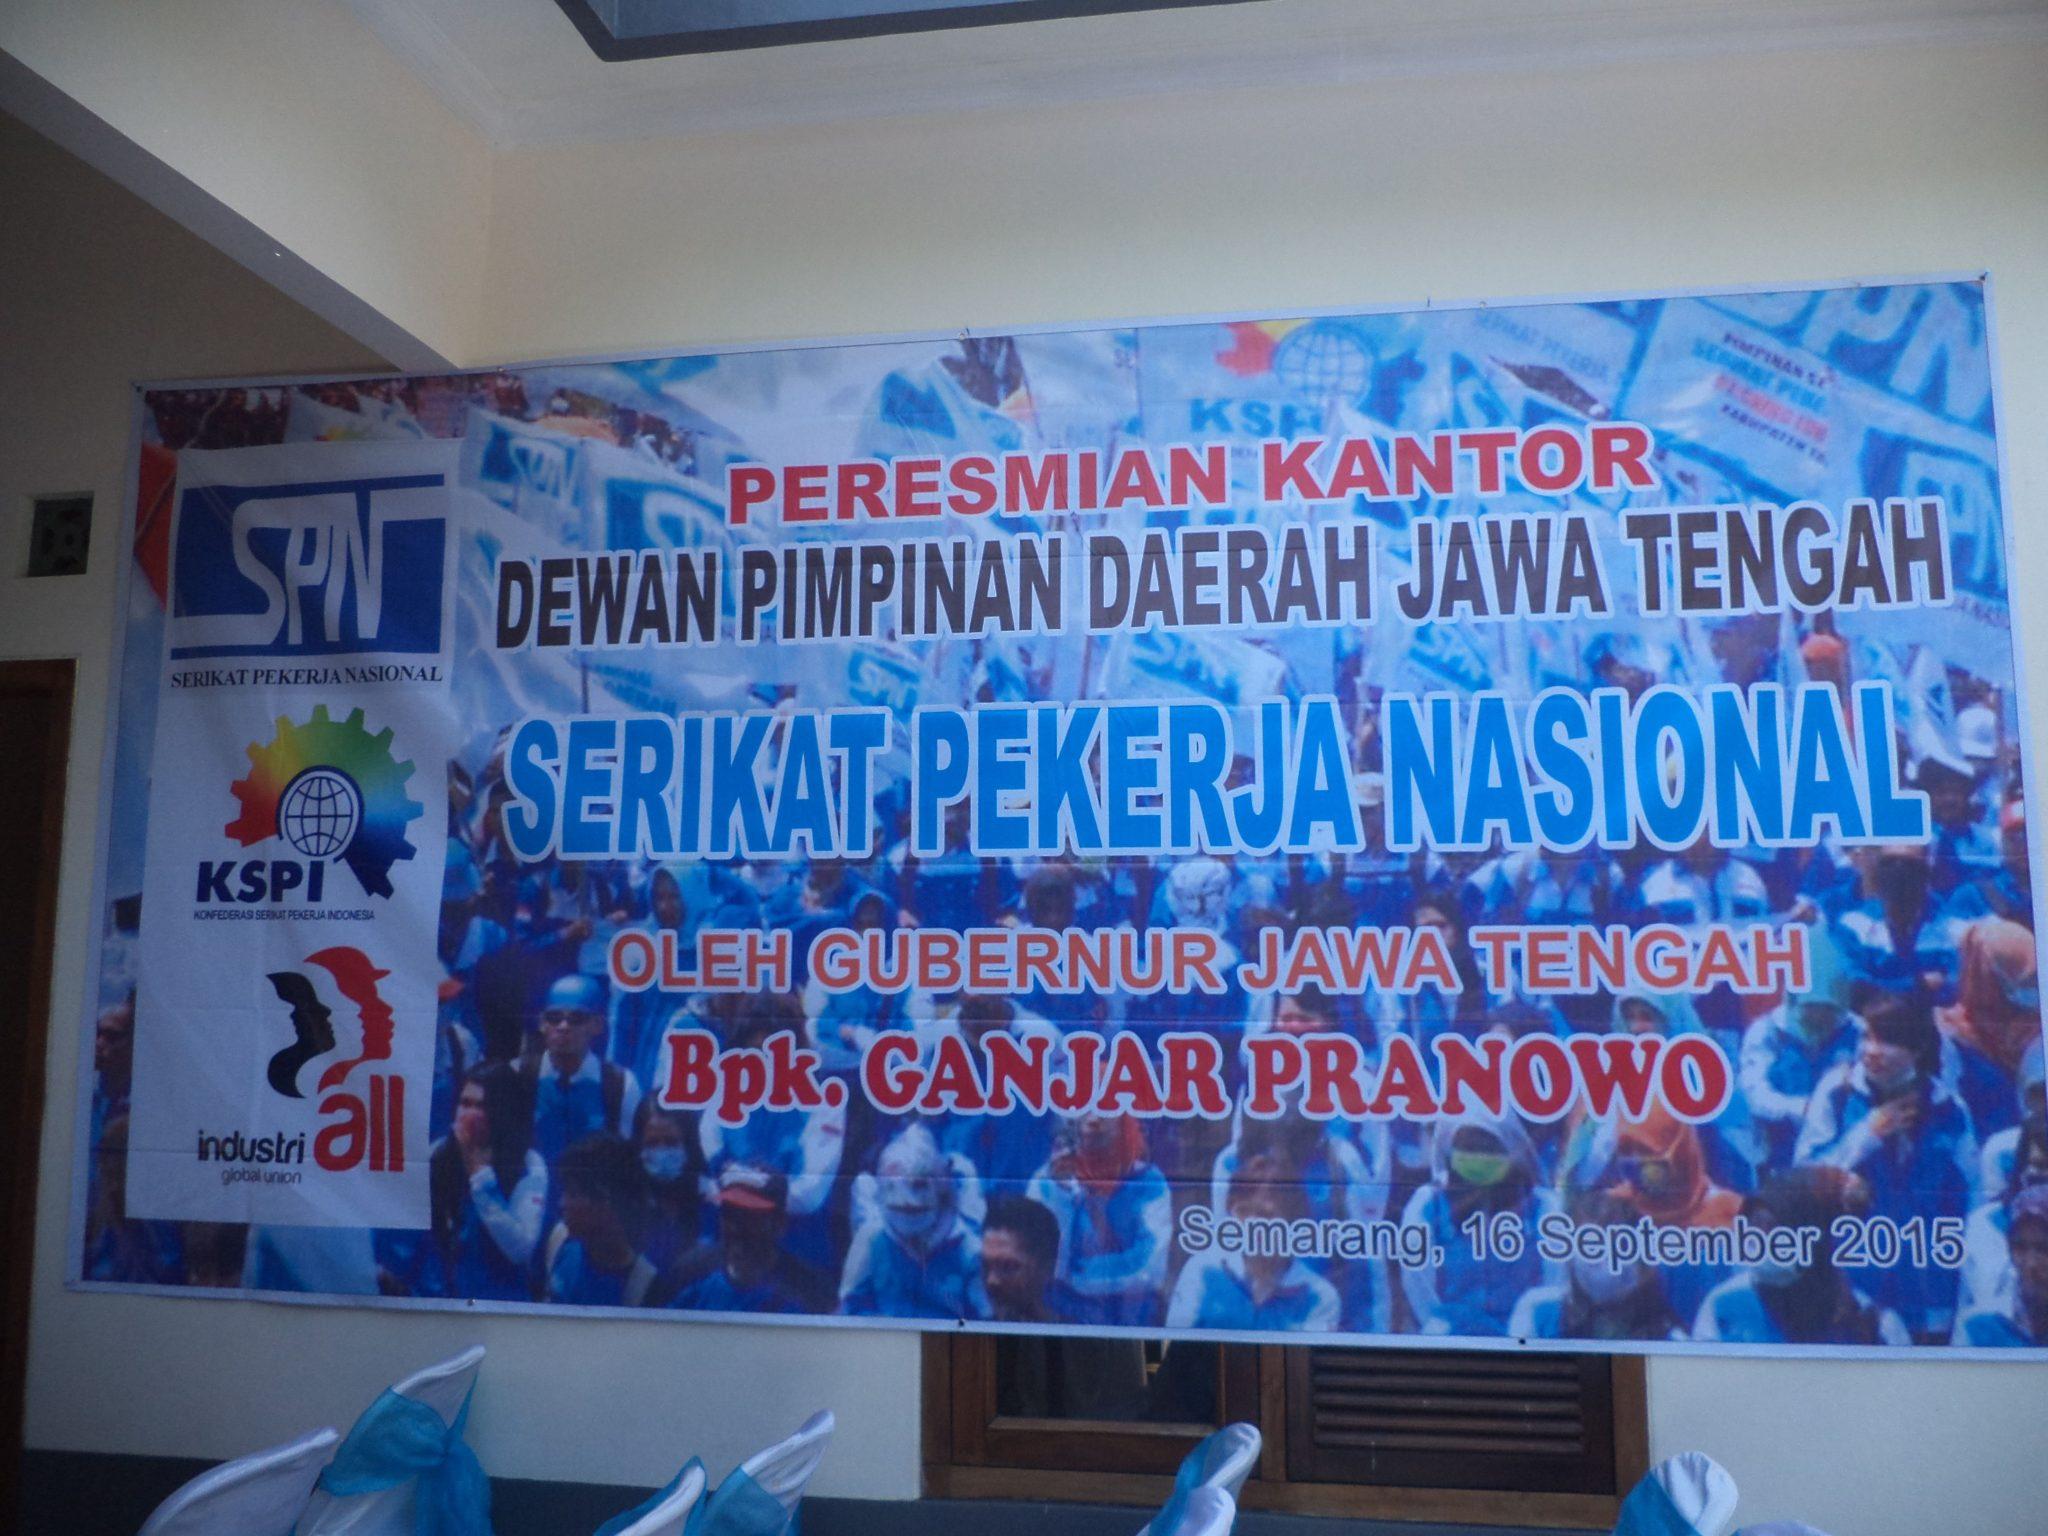 Kantor Megah Simbul Solidaritas